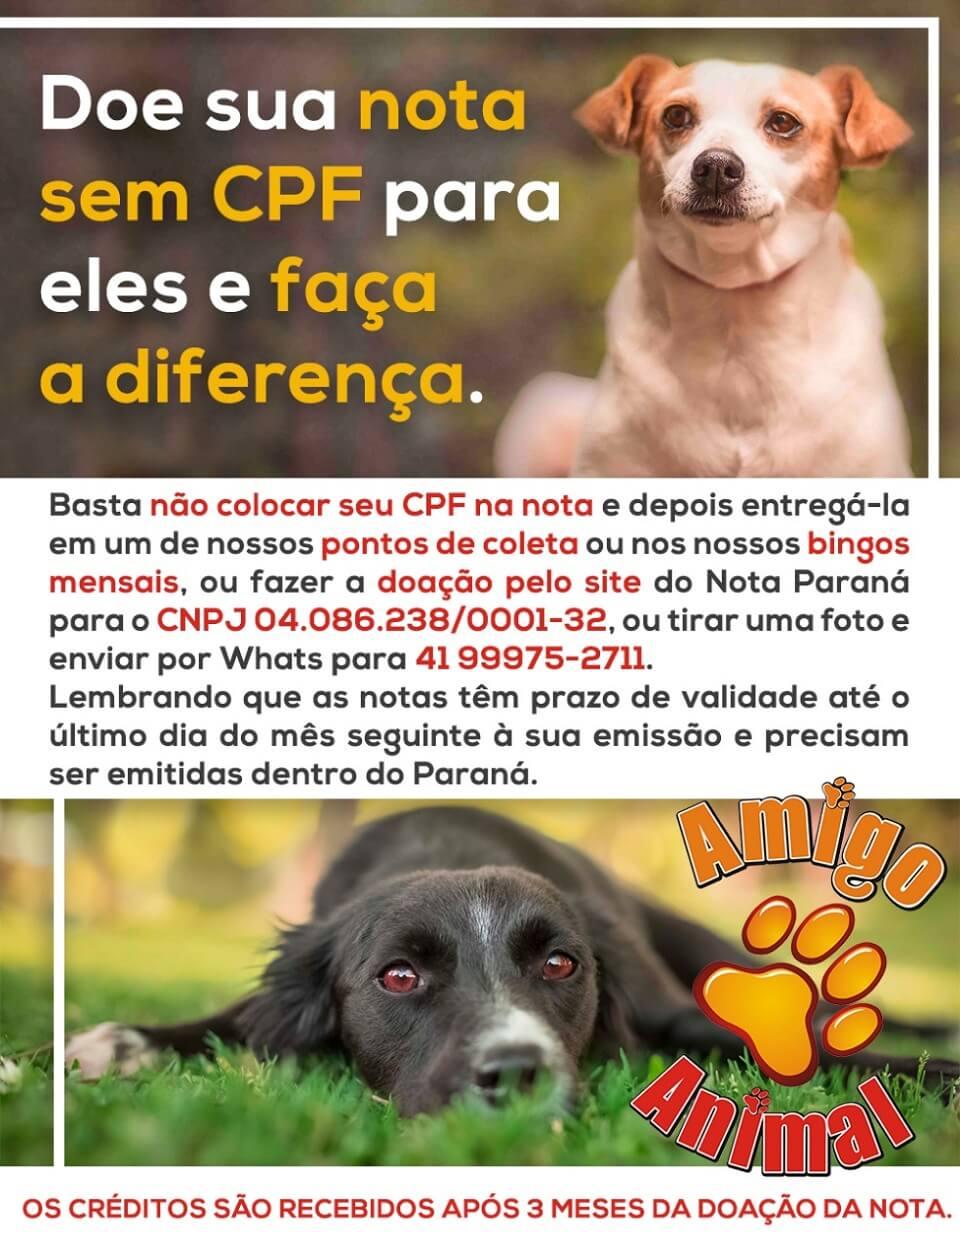 É bem fácil ajudar! Clique na imagem e confira todos os detalhes! A Amigo Animal é uma associação sem fins lucrativos que abriga mais de 1000 cachorros resgatados em Curitiba e região.